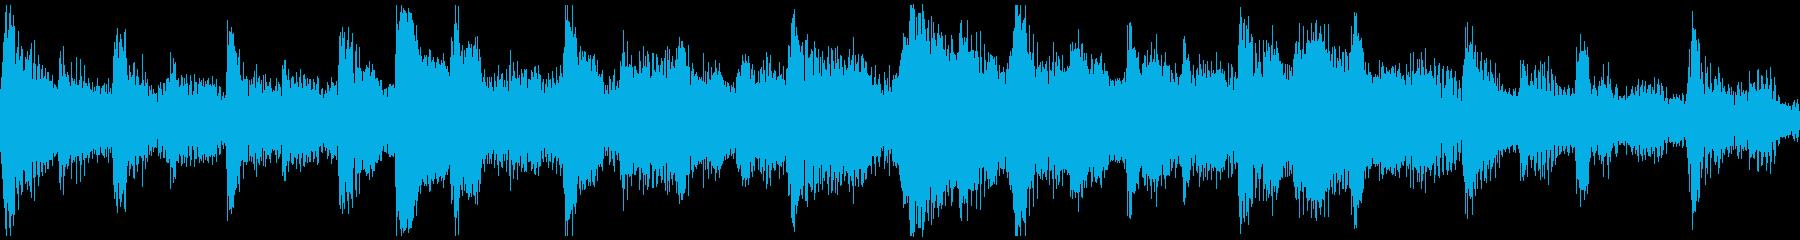 <ショートループ> ピアノ④+ビートBの再生済みの波形